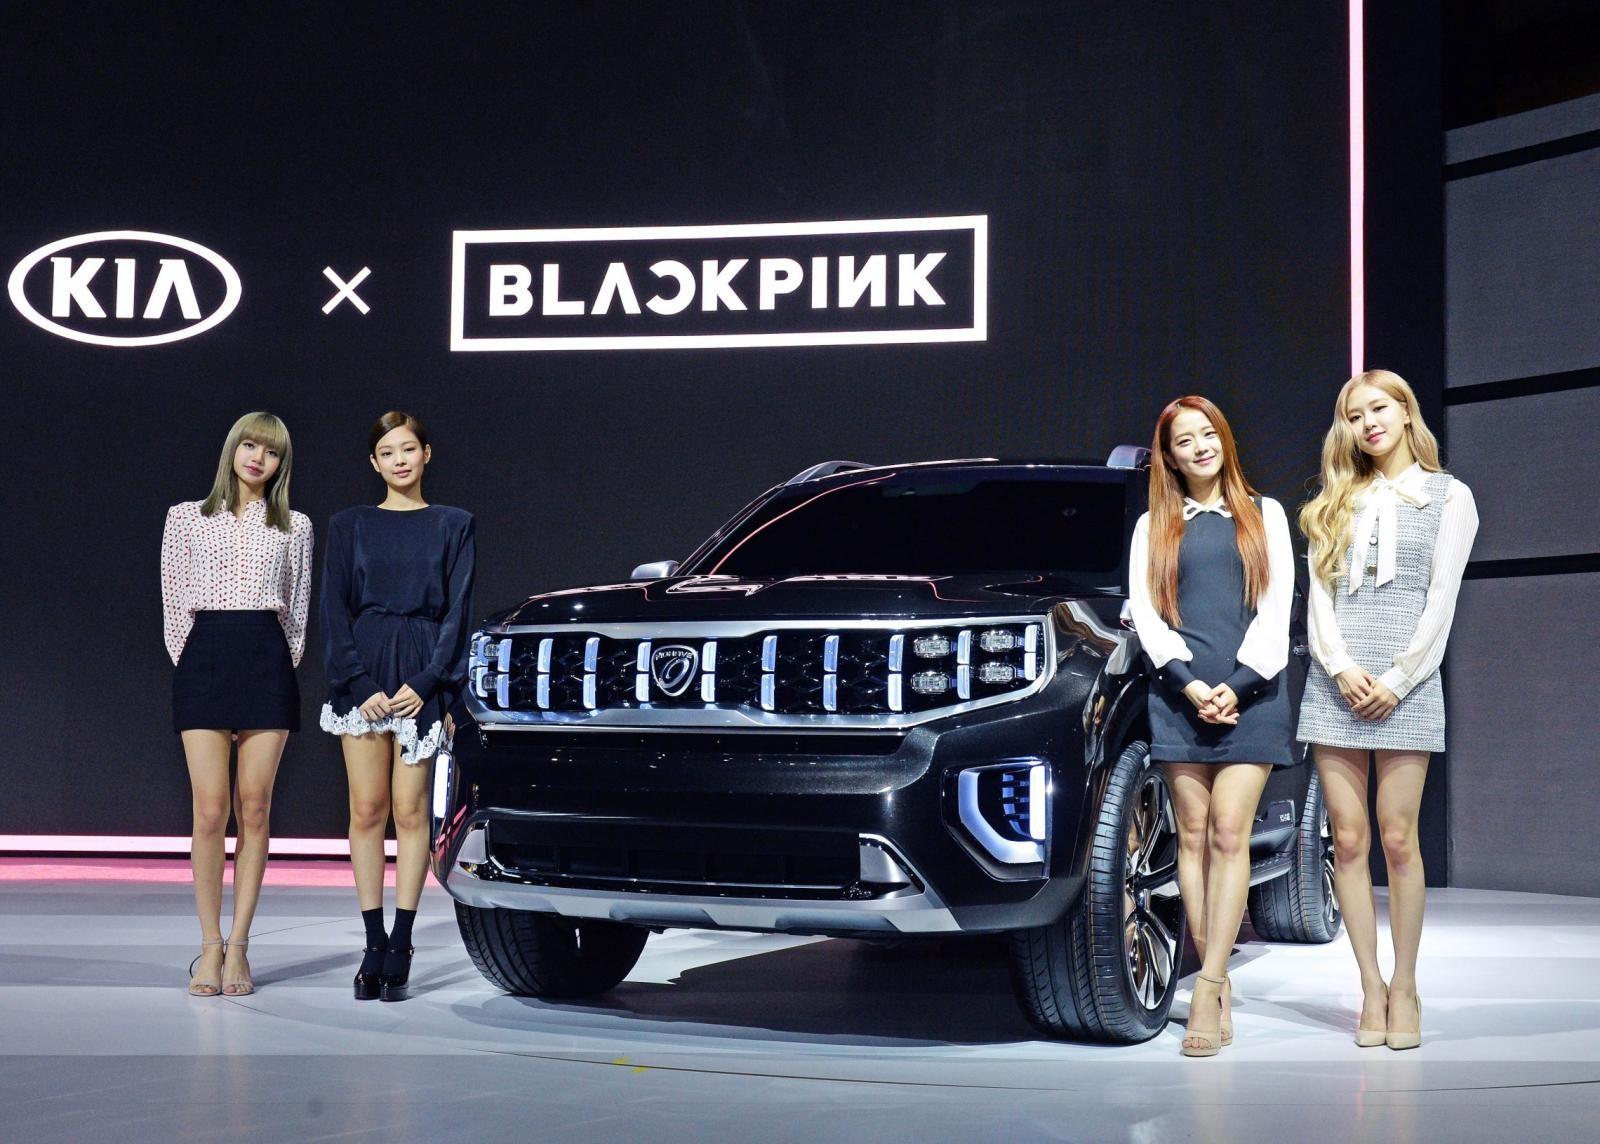 Ban nhạc nữ Black Pink xuất hiện trong sự kiện giới thiệu Kia Mohave Masterpiece